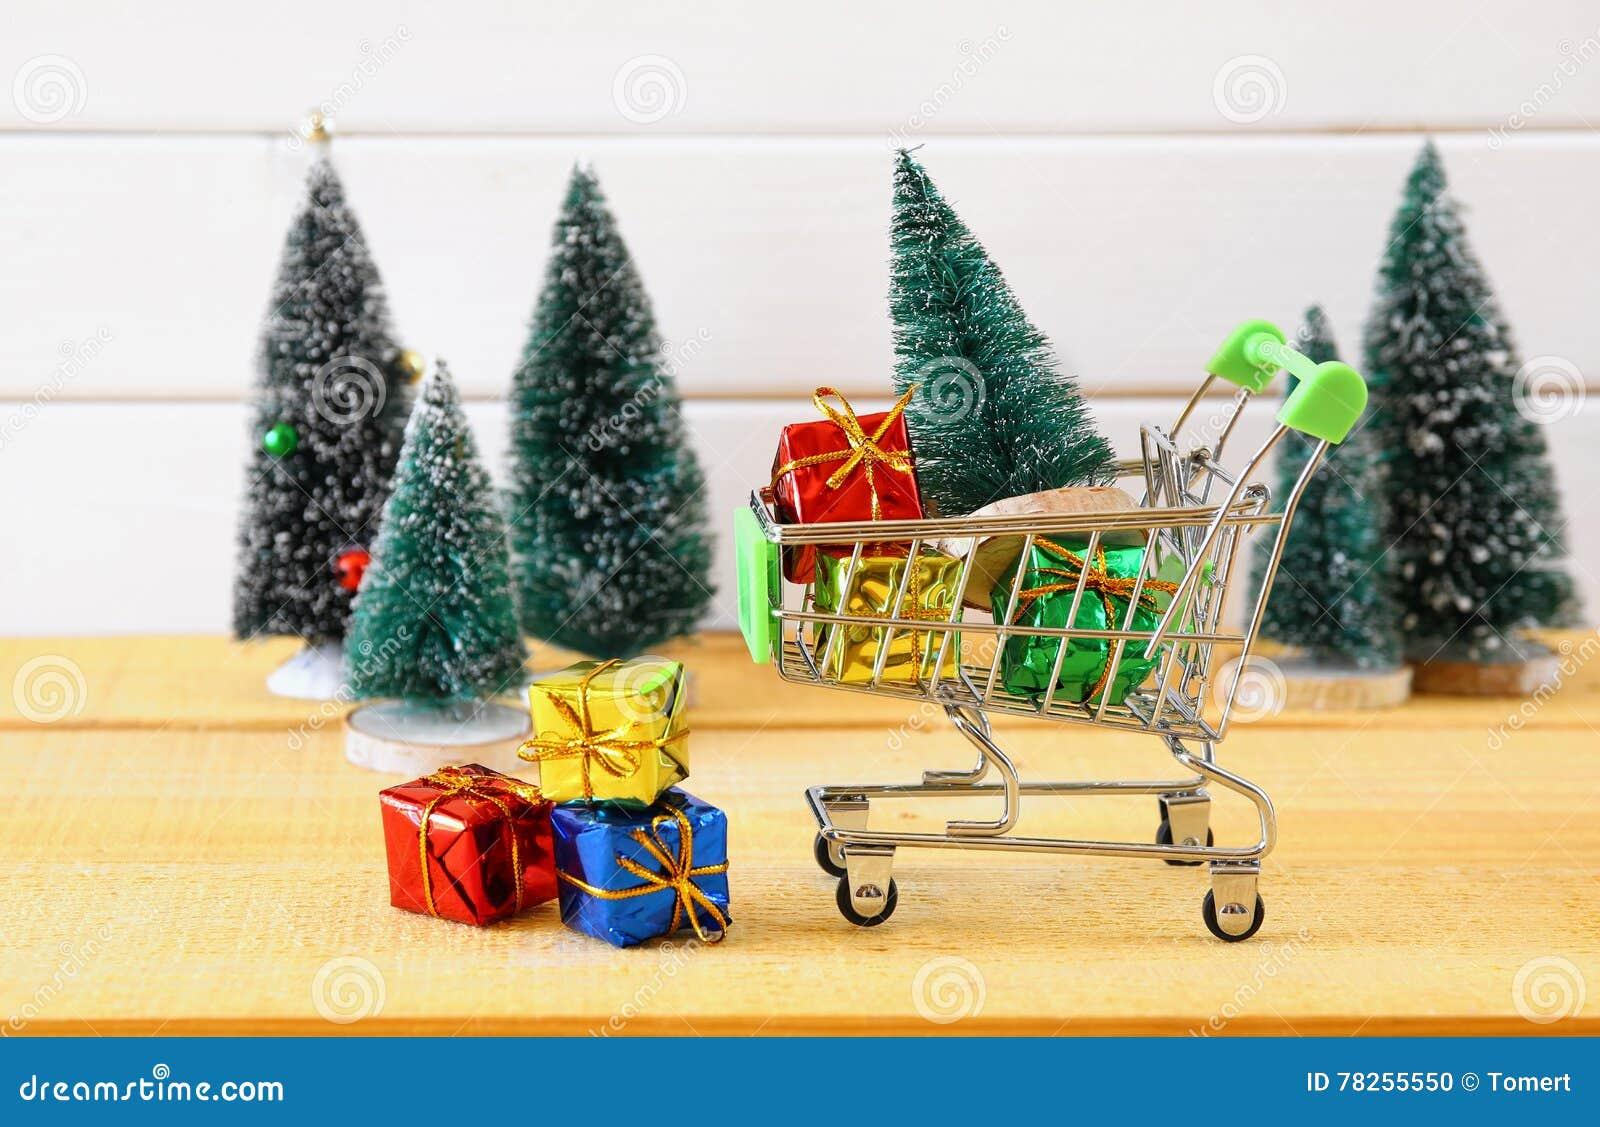 Το κάρρο αγορών με το χριστουγεννιάτικο δέντρο και παρουσιάζει